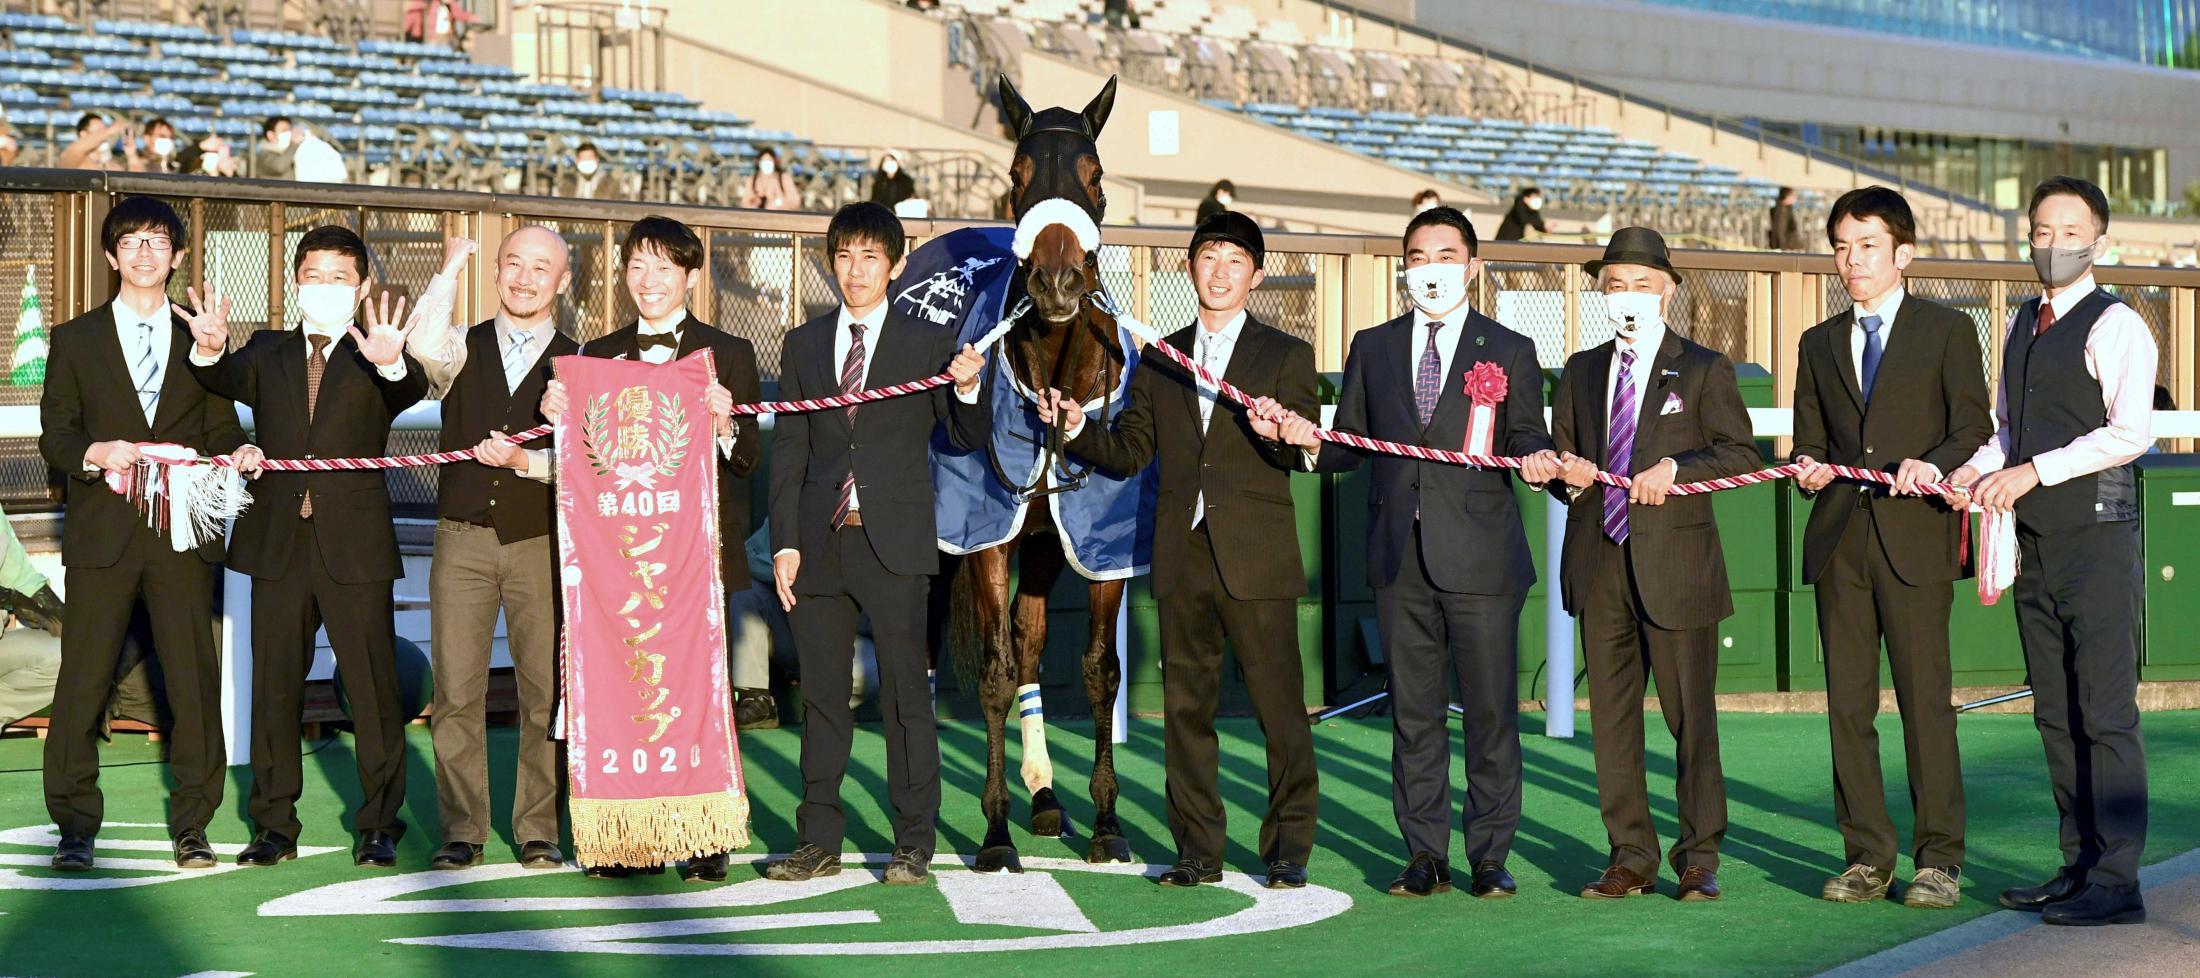 ジャパンCを制し9冠馬となったアーモンドアイと喜ぶ国枝師(右から3人目)と米本昌史シルクレーシング代表(右から4人目)ら関係者